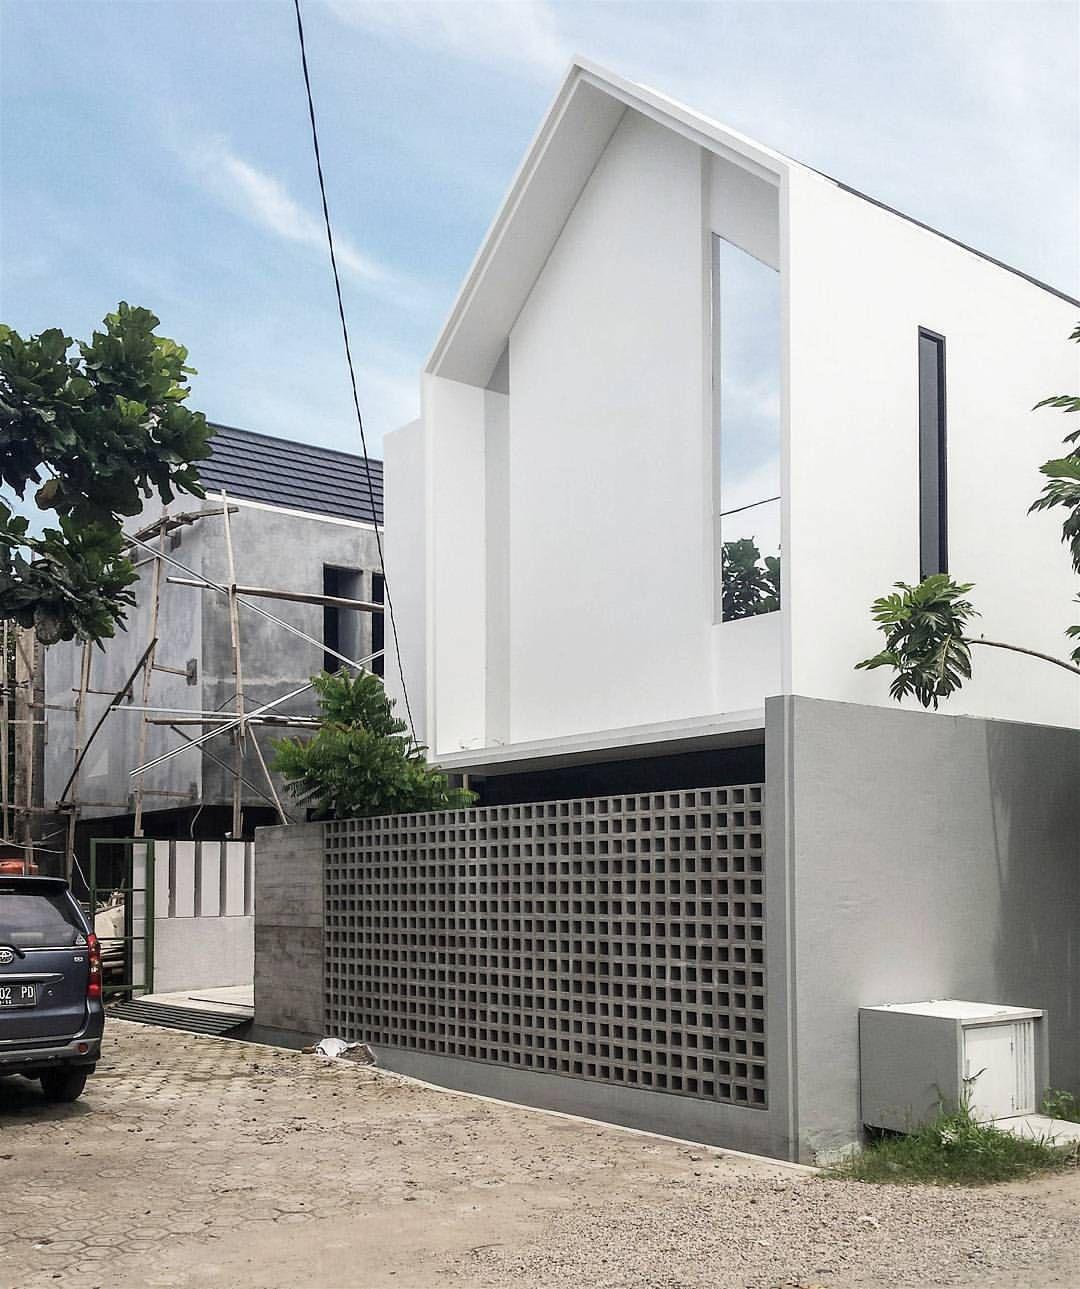 Pin von 김종현 auf 건물 | Pinterest | Moderne häuser, Fassaden und ...